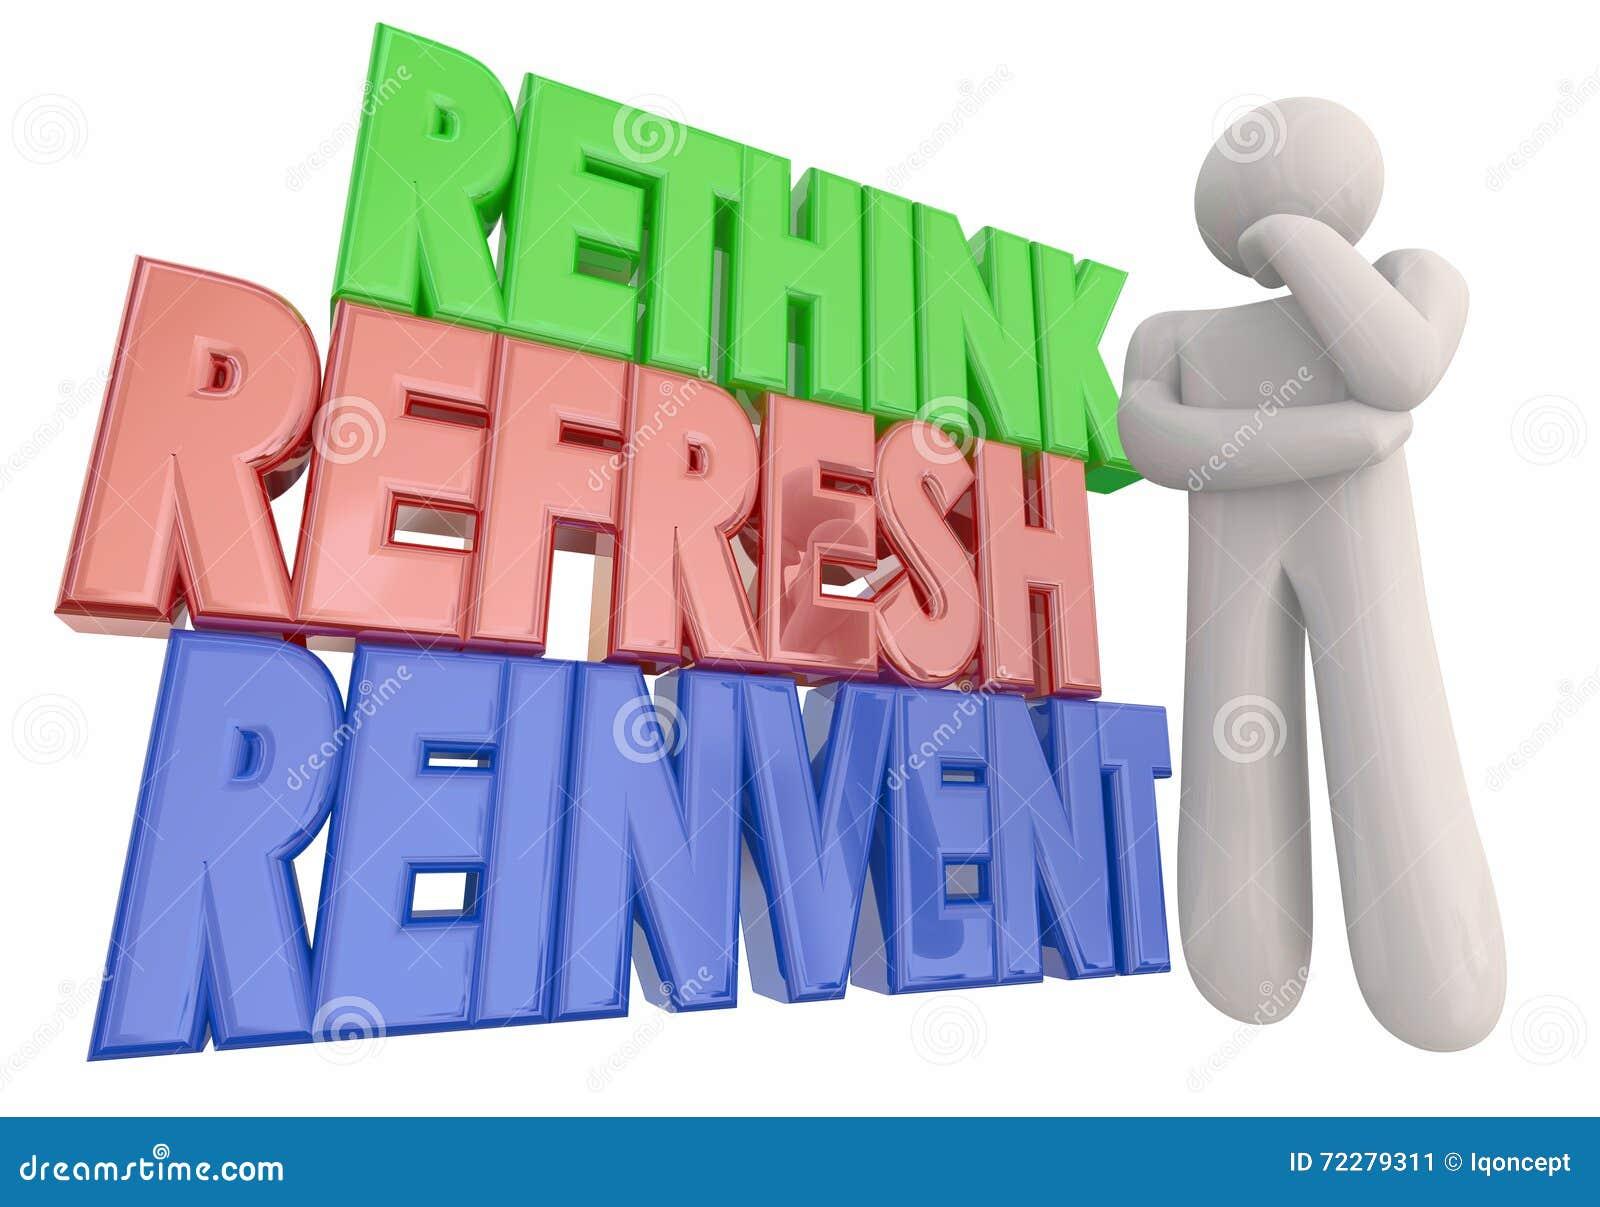 Download Переосмыслите освежите Reinvent слова мыслителя Иллюстрация штока - иллюстрации насчитывающей освежите, освежено: 72279311